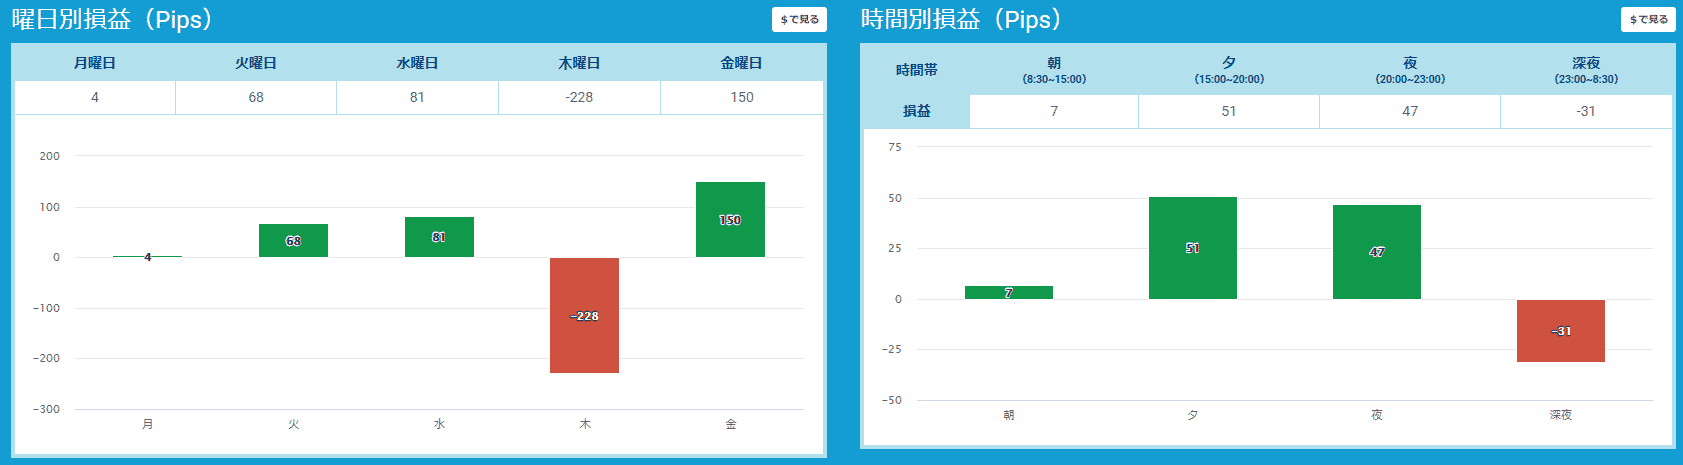 プロップトレーダーチャートSeki1